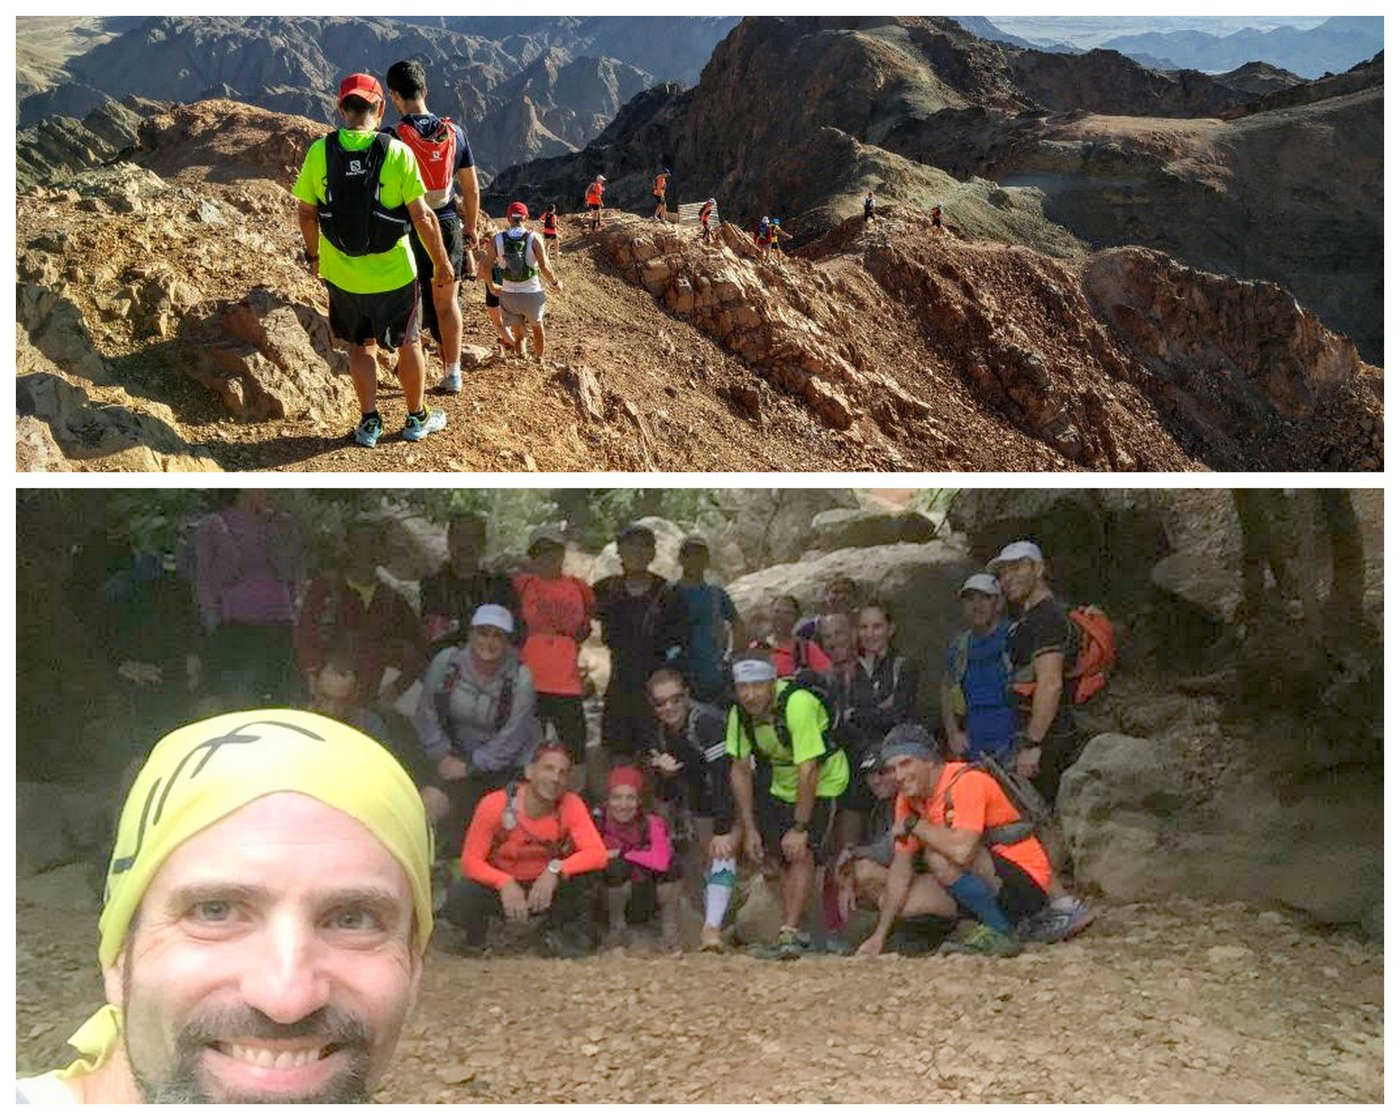 ריצת הרים - קשה בעליה, יותר קשה בירידה אבל הכי קל לחייך